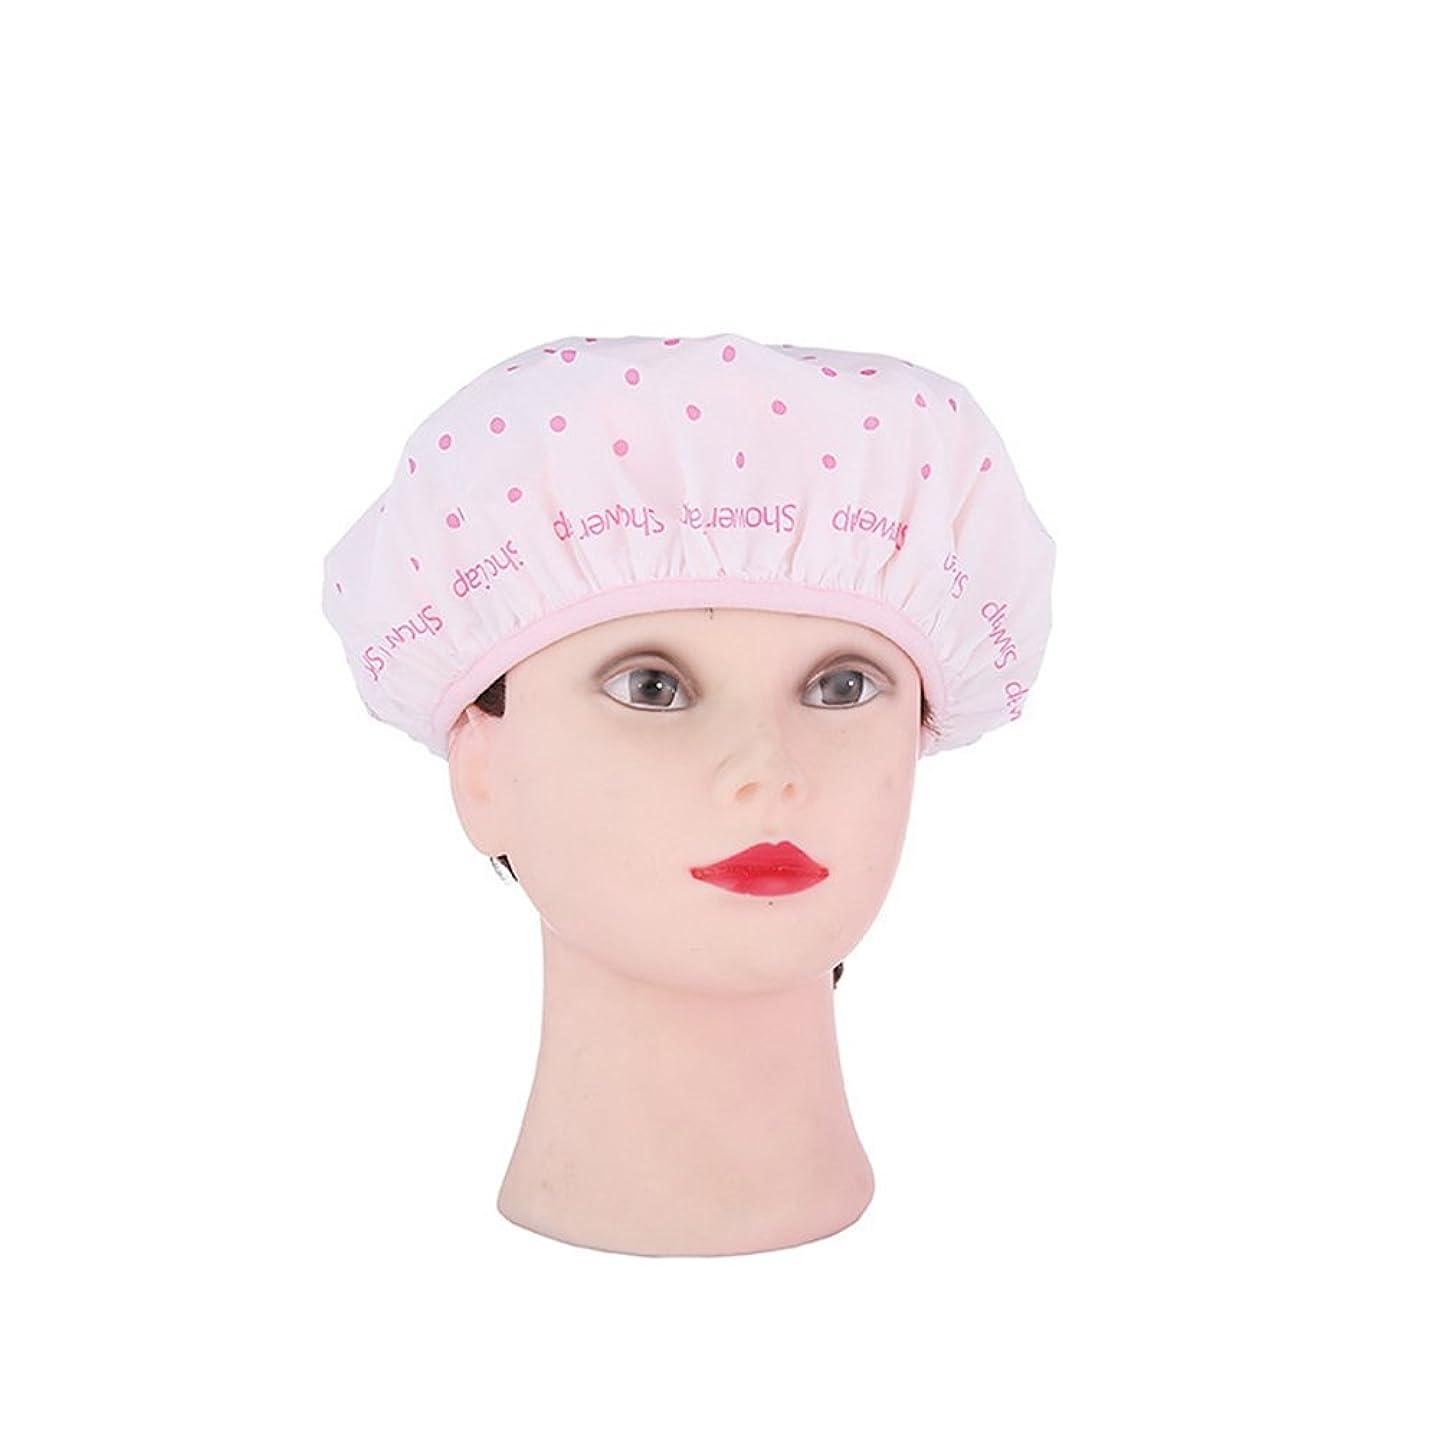 悲しむリール整然としたROSENICE シャワーキャップ防水性モールド抵抗性の洗えるシャワーキャップかわいいやわらかい髪の帽子(ピンク)